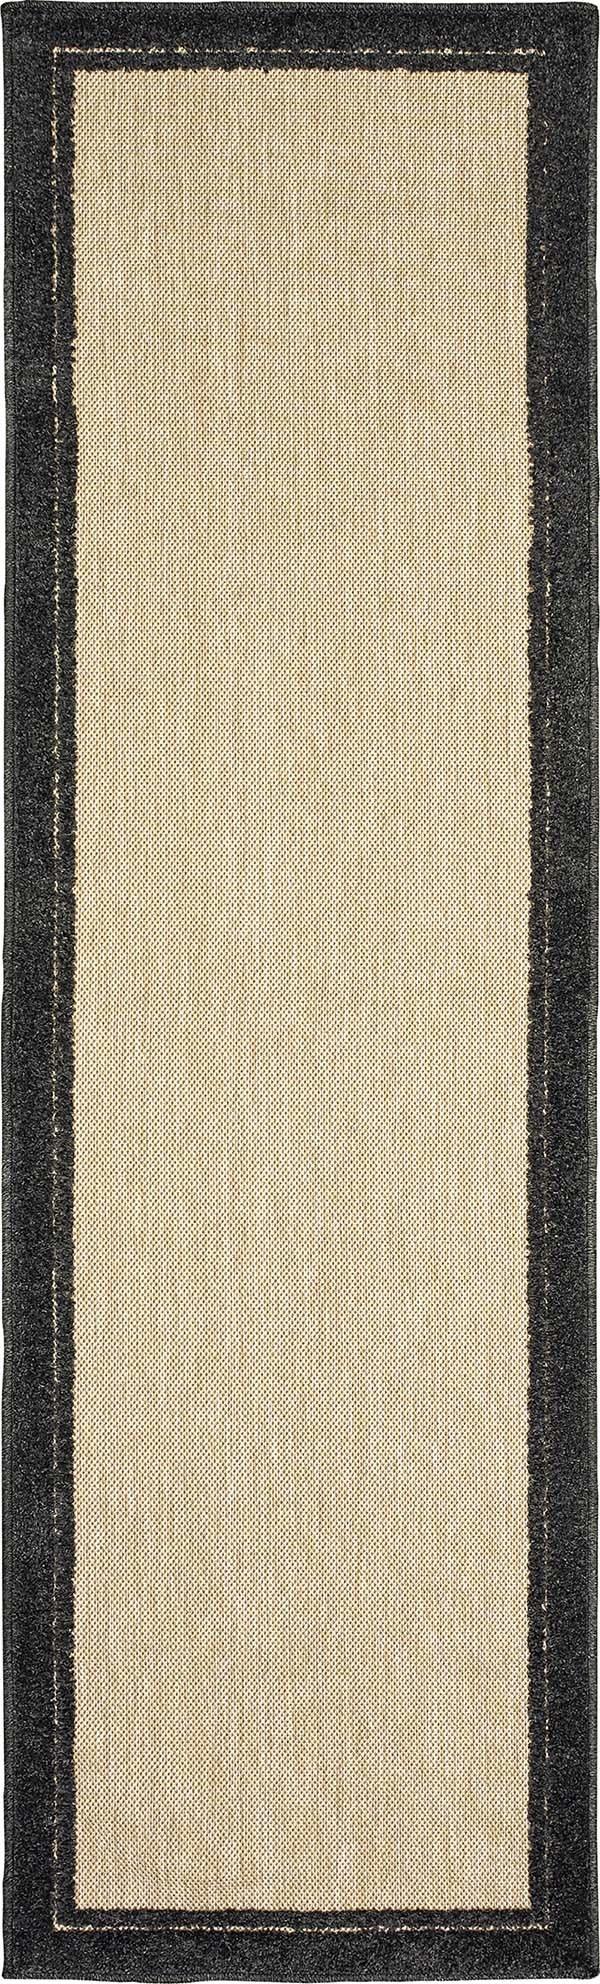 Sand, Charcoal (K) Outdoor / Indoor Area Rug